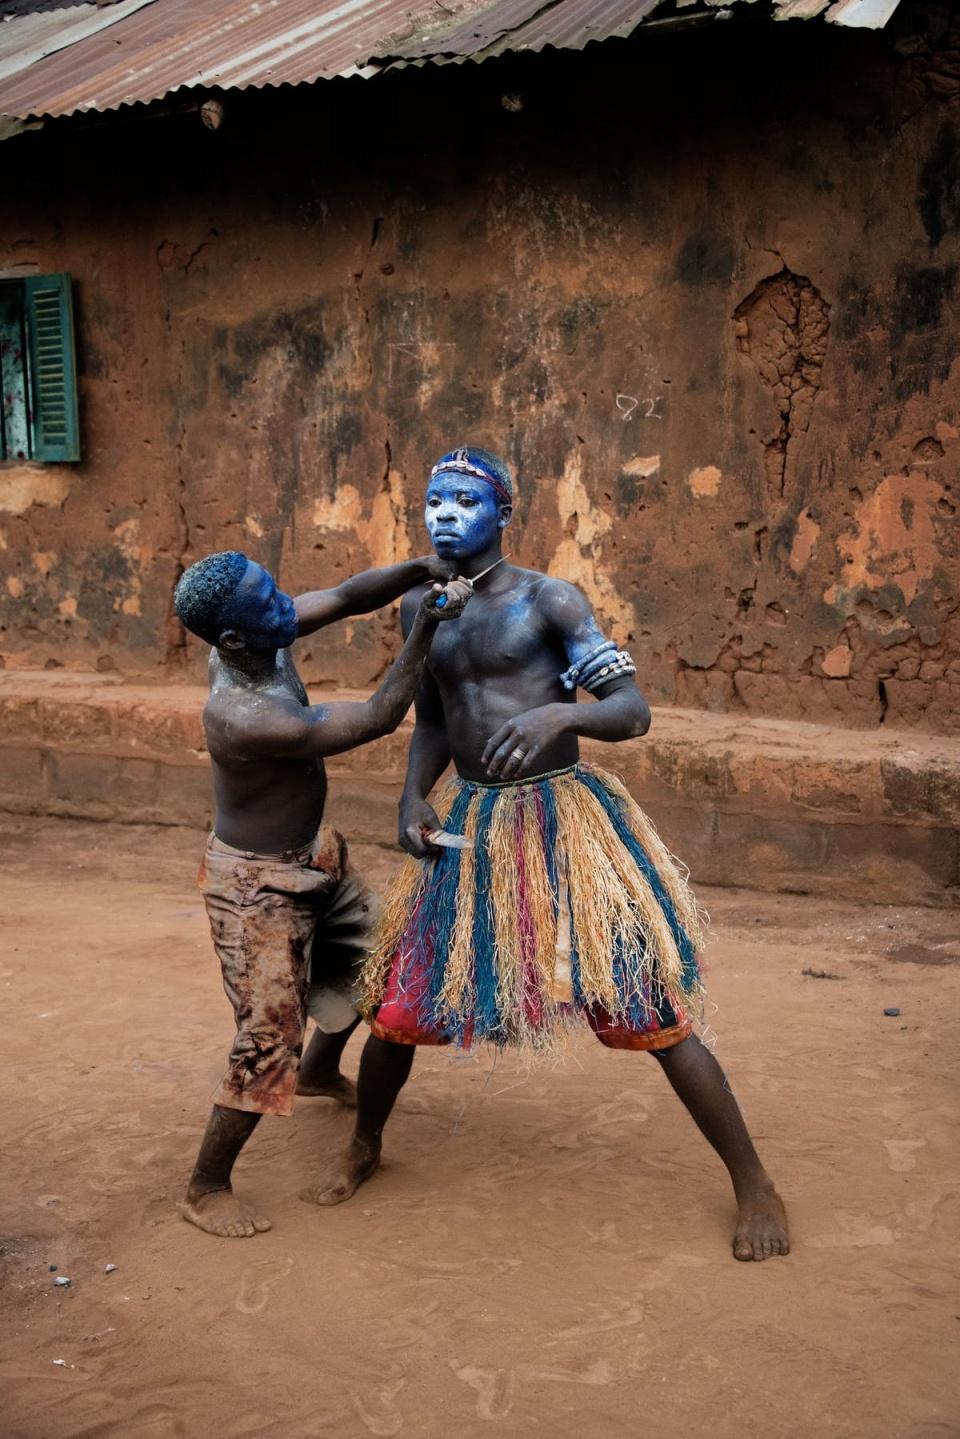 Steve McCurry. West Africa.